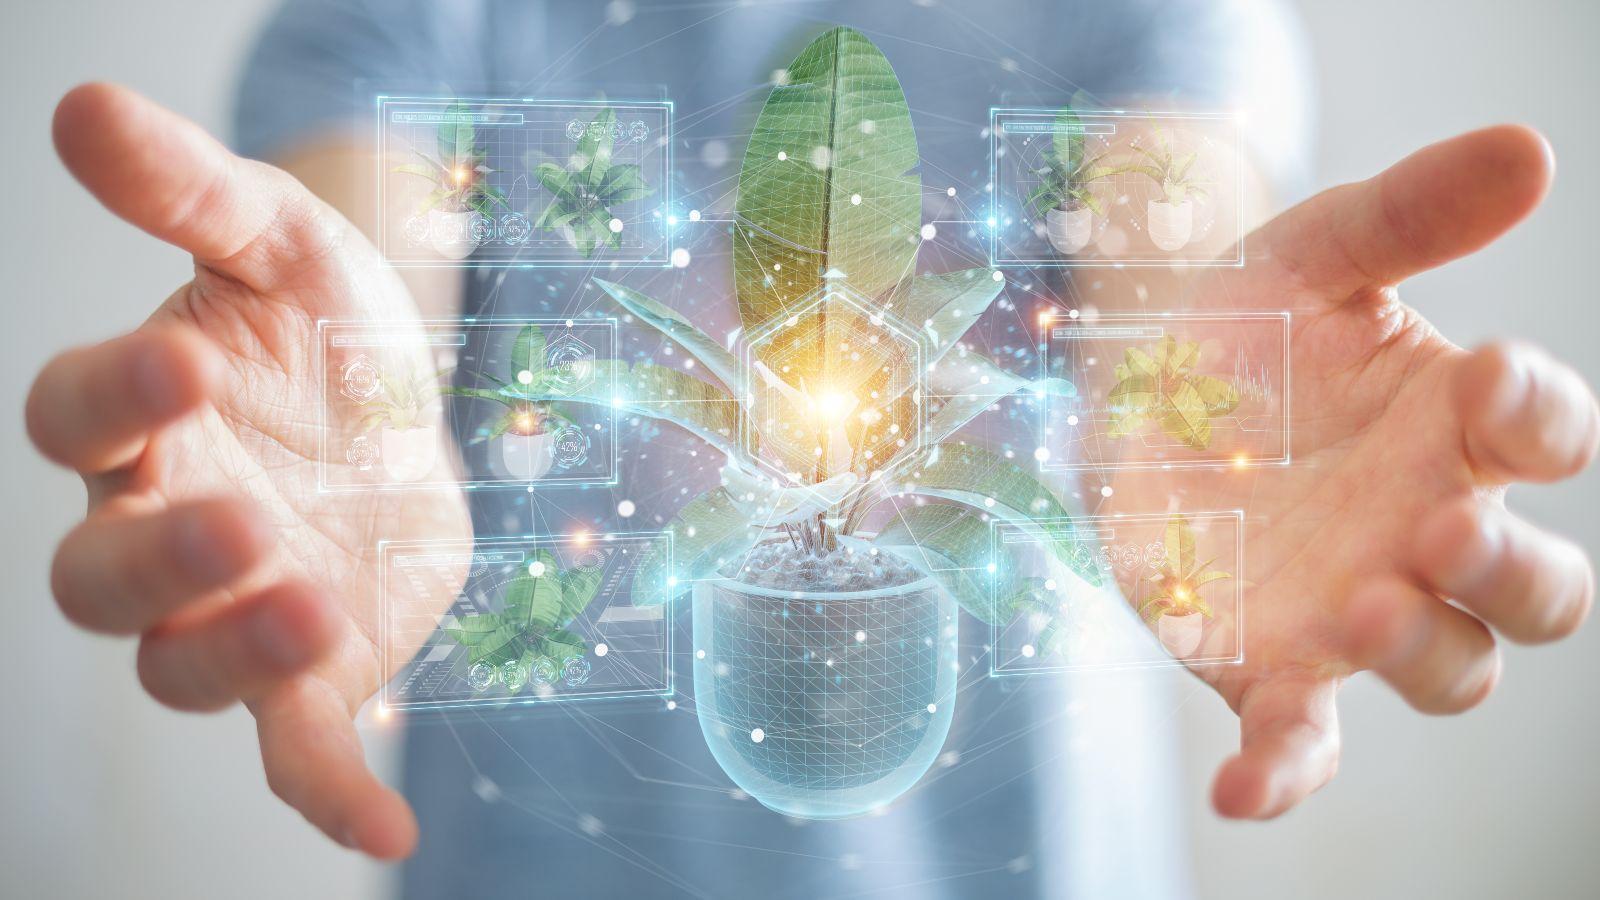 Zwischen den ausgestreckten Händen eines Mannes schwebt die digitale Illustration einer Topfpflanze in leuchtenden Linien.